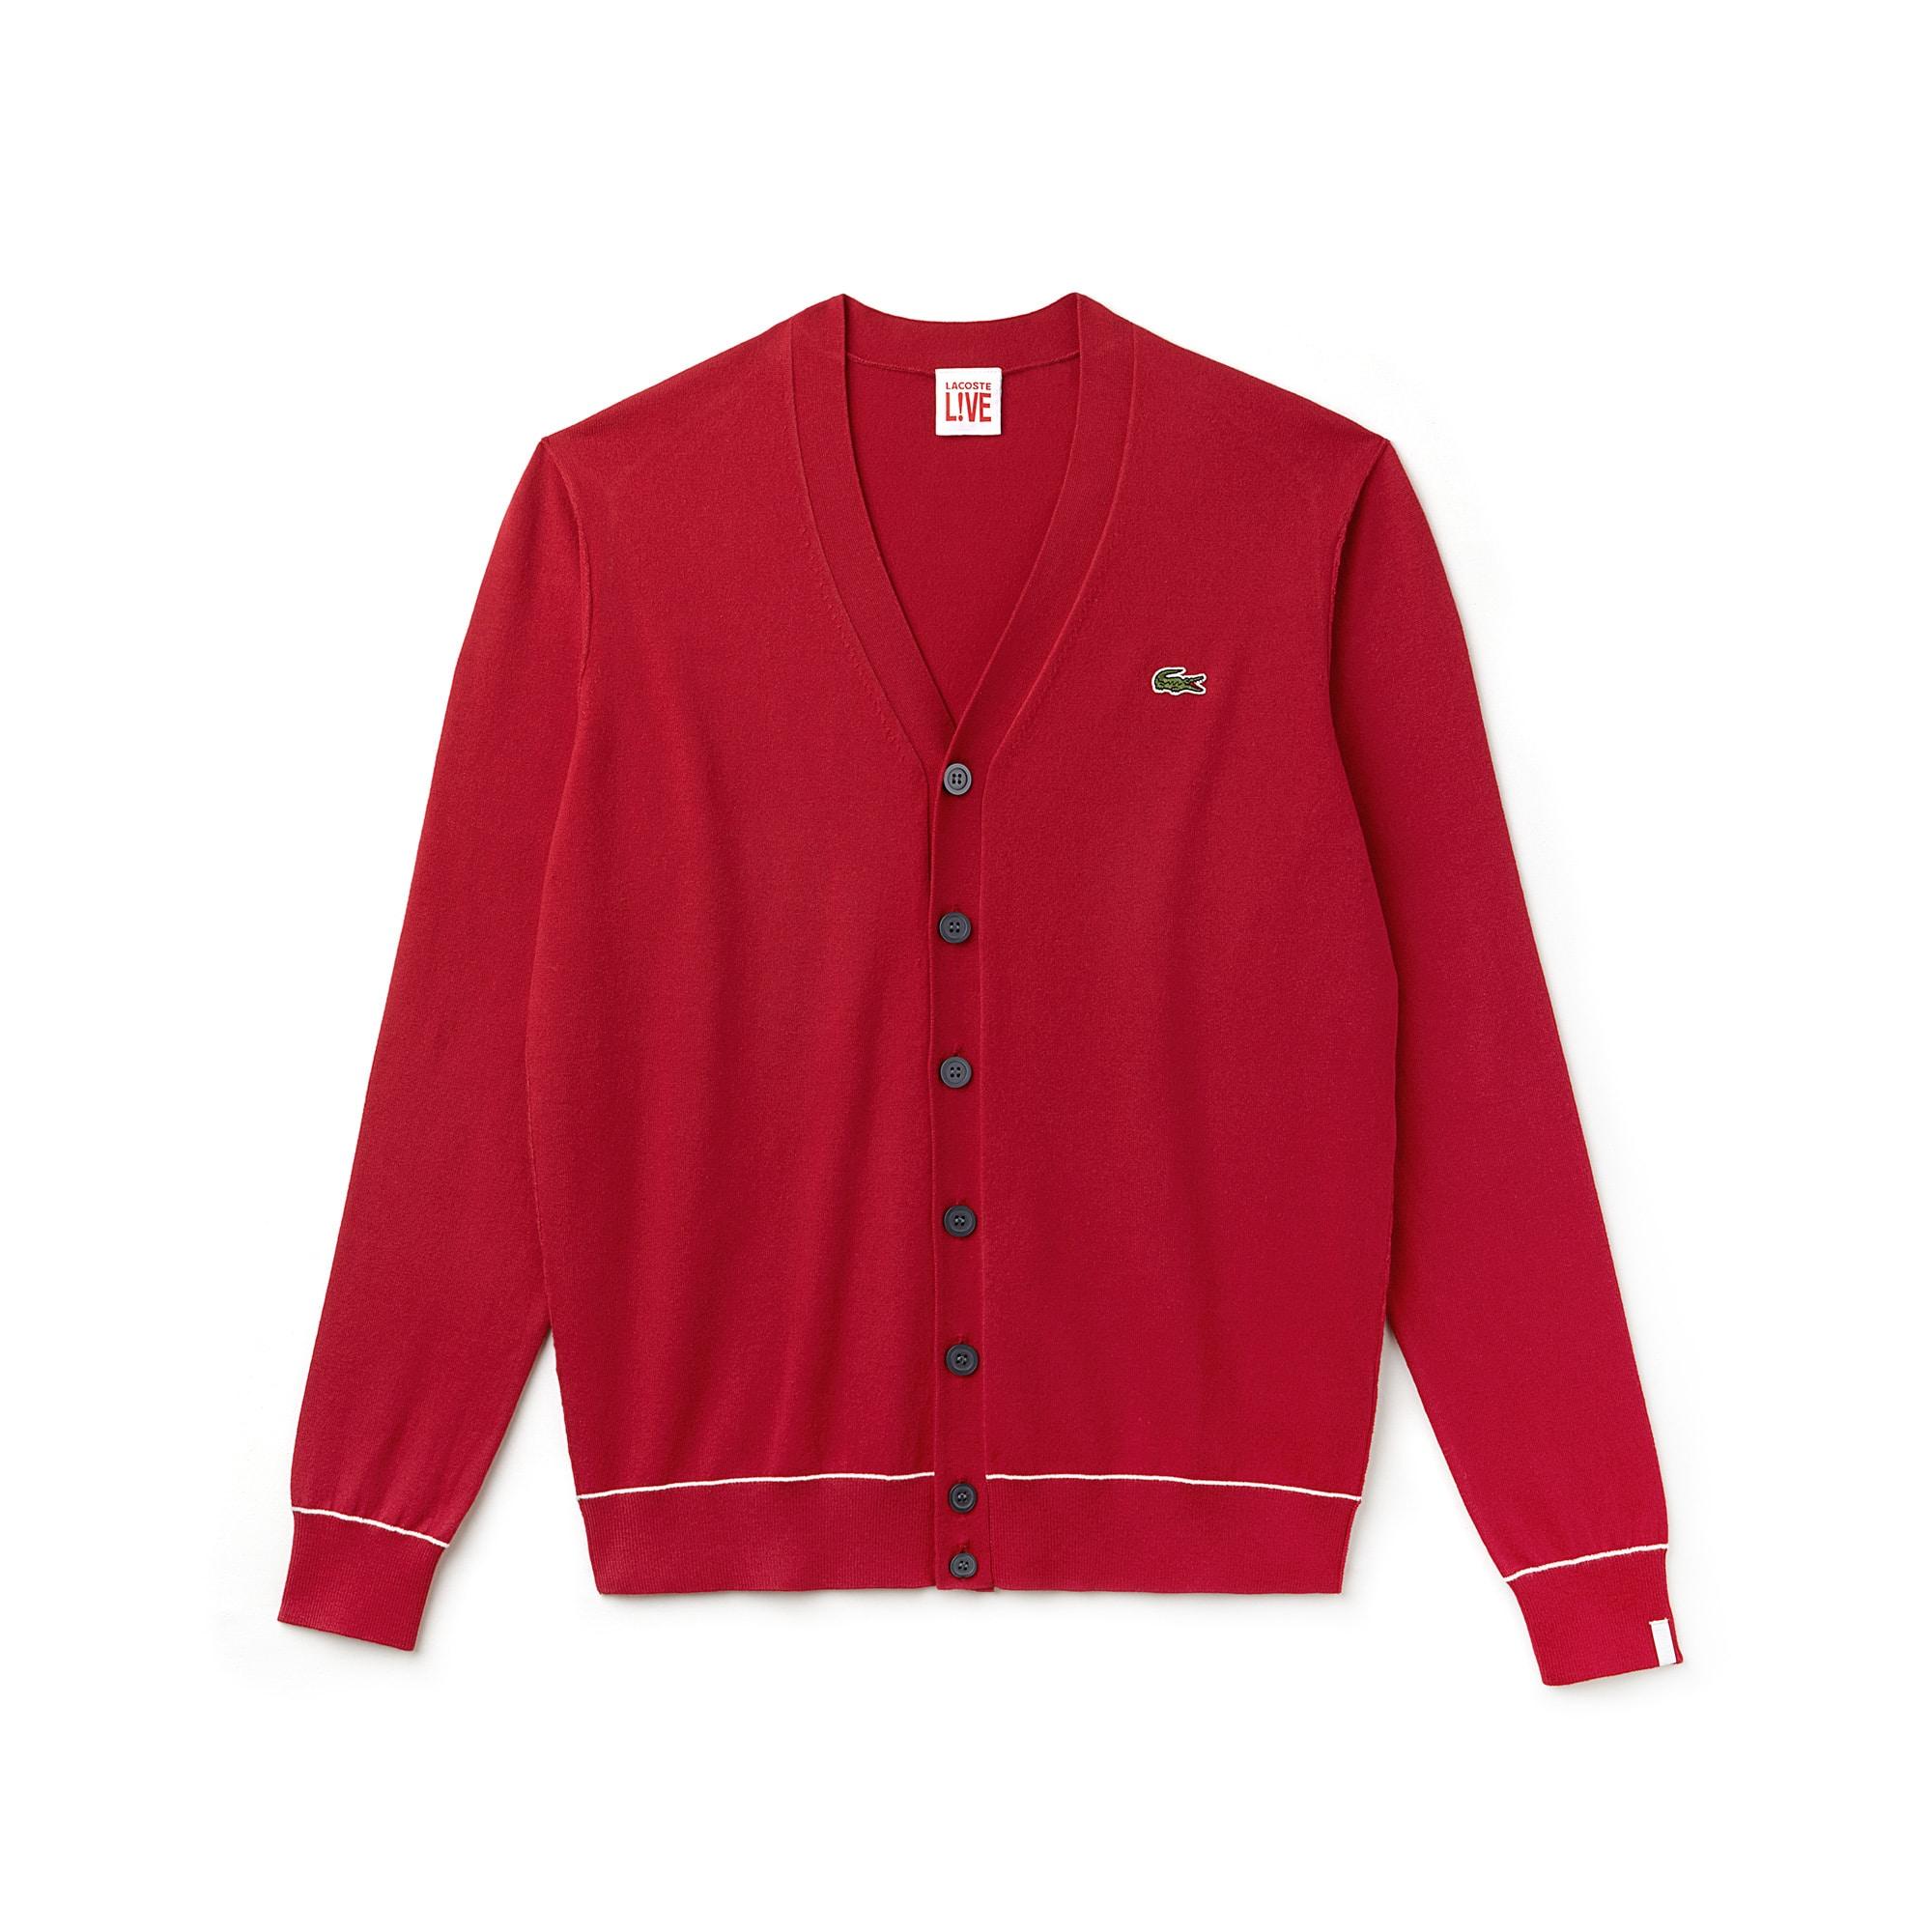 Cardigan Lacoste LIVE in jersey di cotone e seta tinta unita